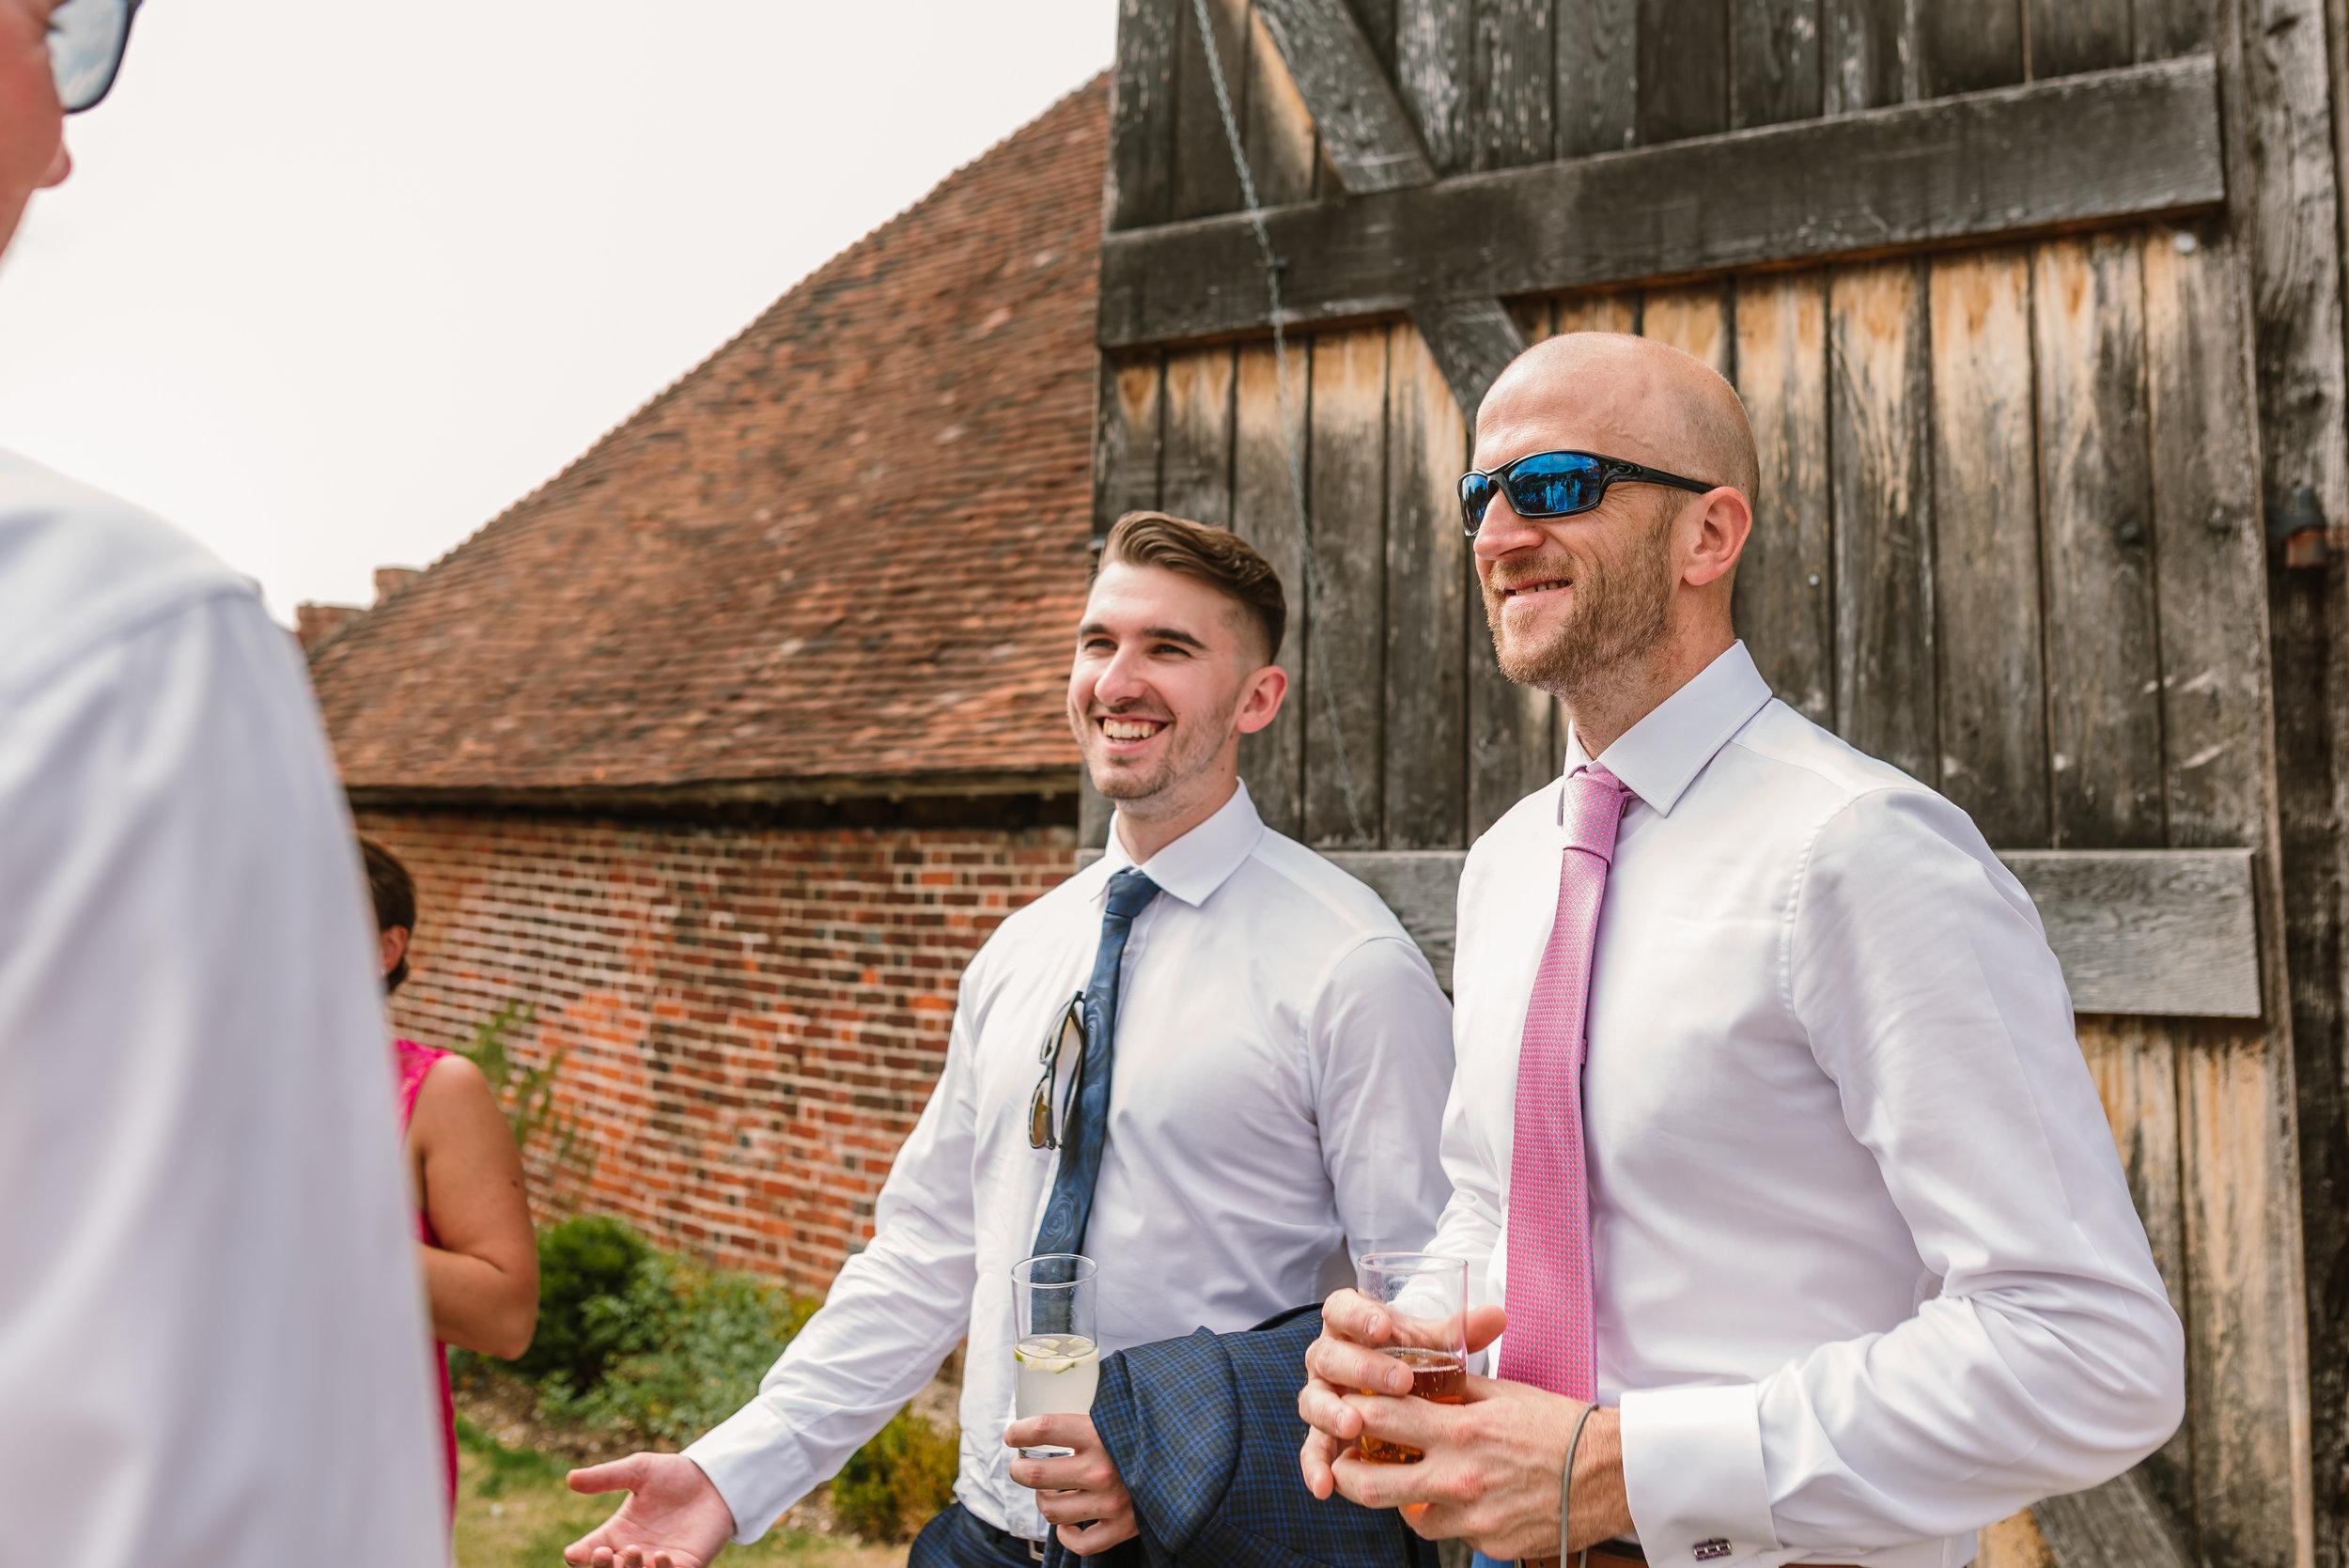 Hampshire Wedding Photographer Hampshire : Ufton-Court-Wedding : Barn-wedding-venue-hampshire : sarah-fishlock-photography : hampshire-barn-wedding-778.jpg